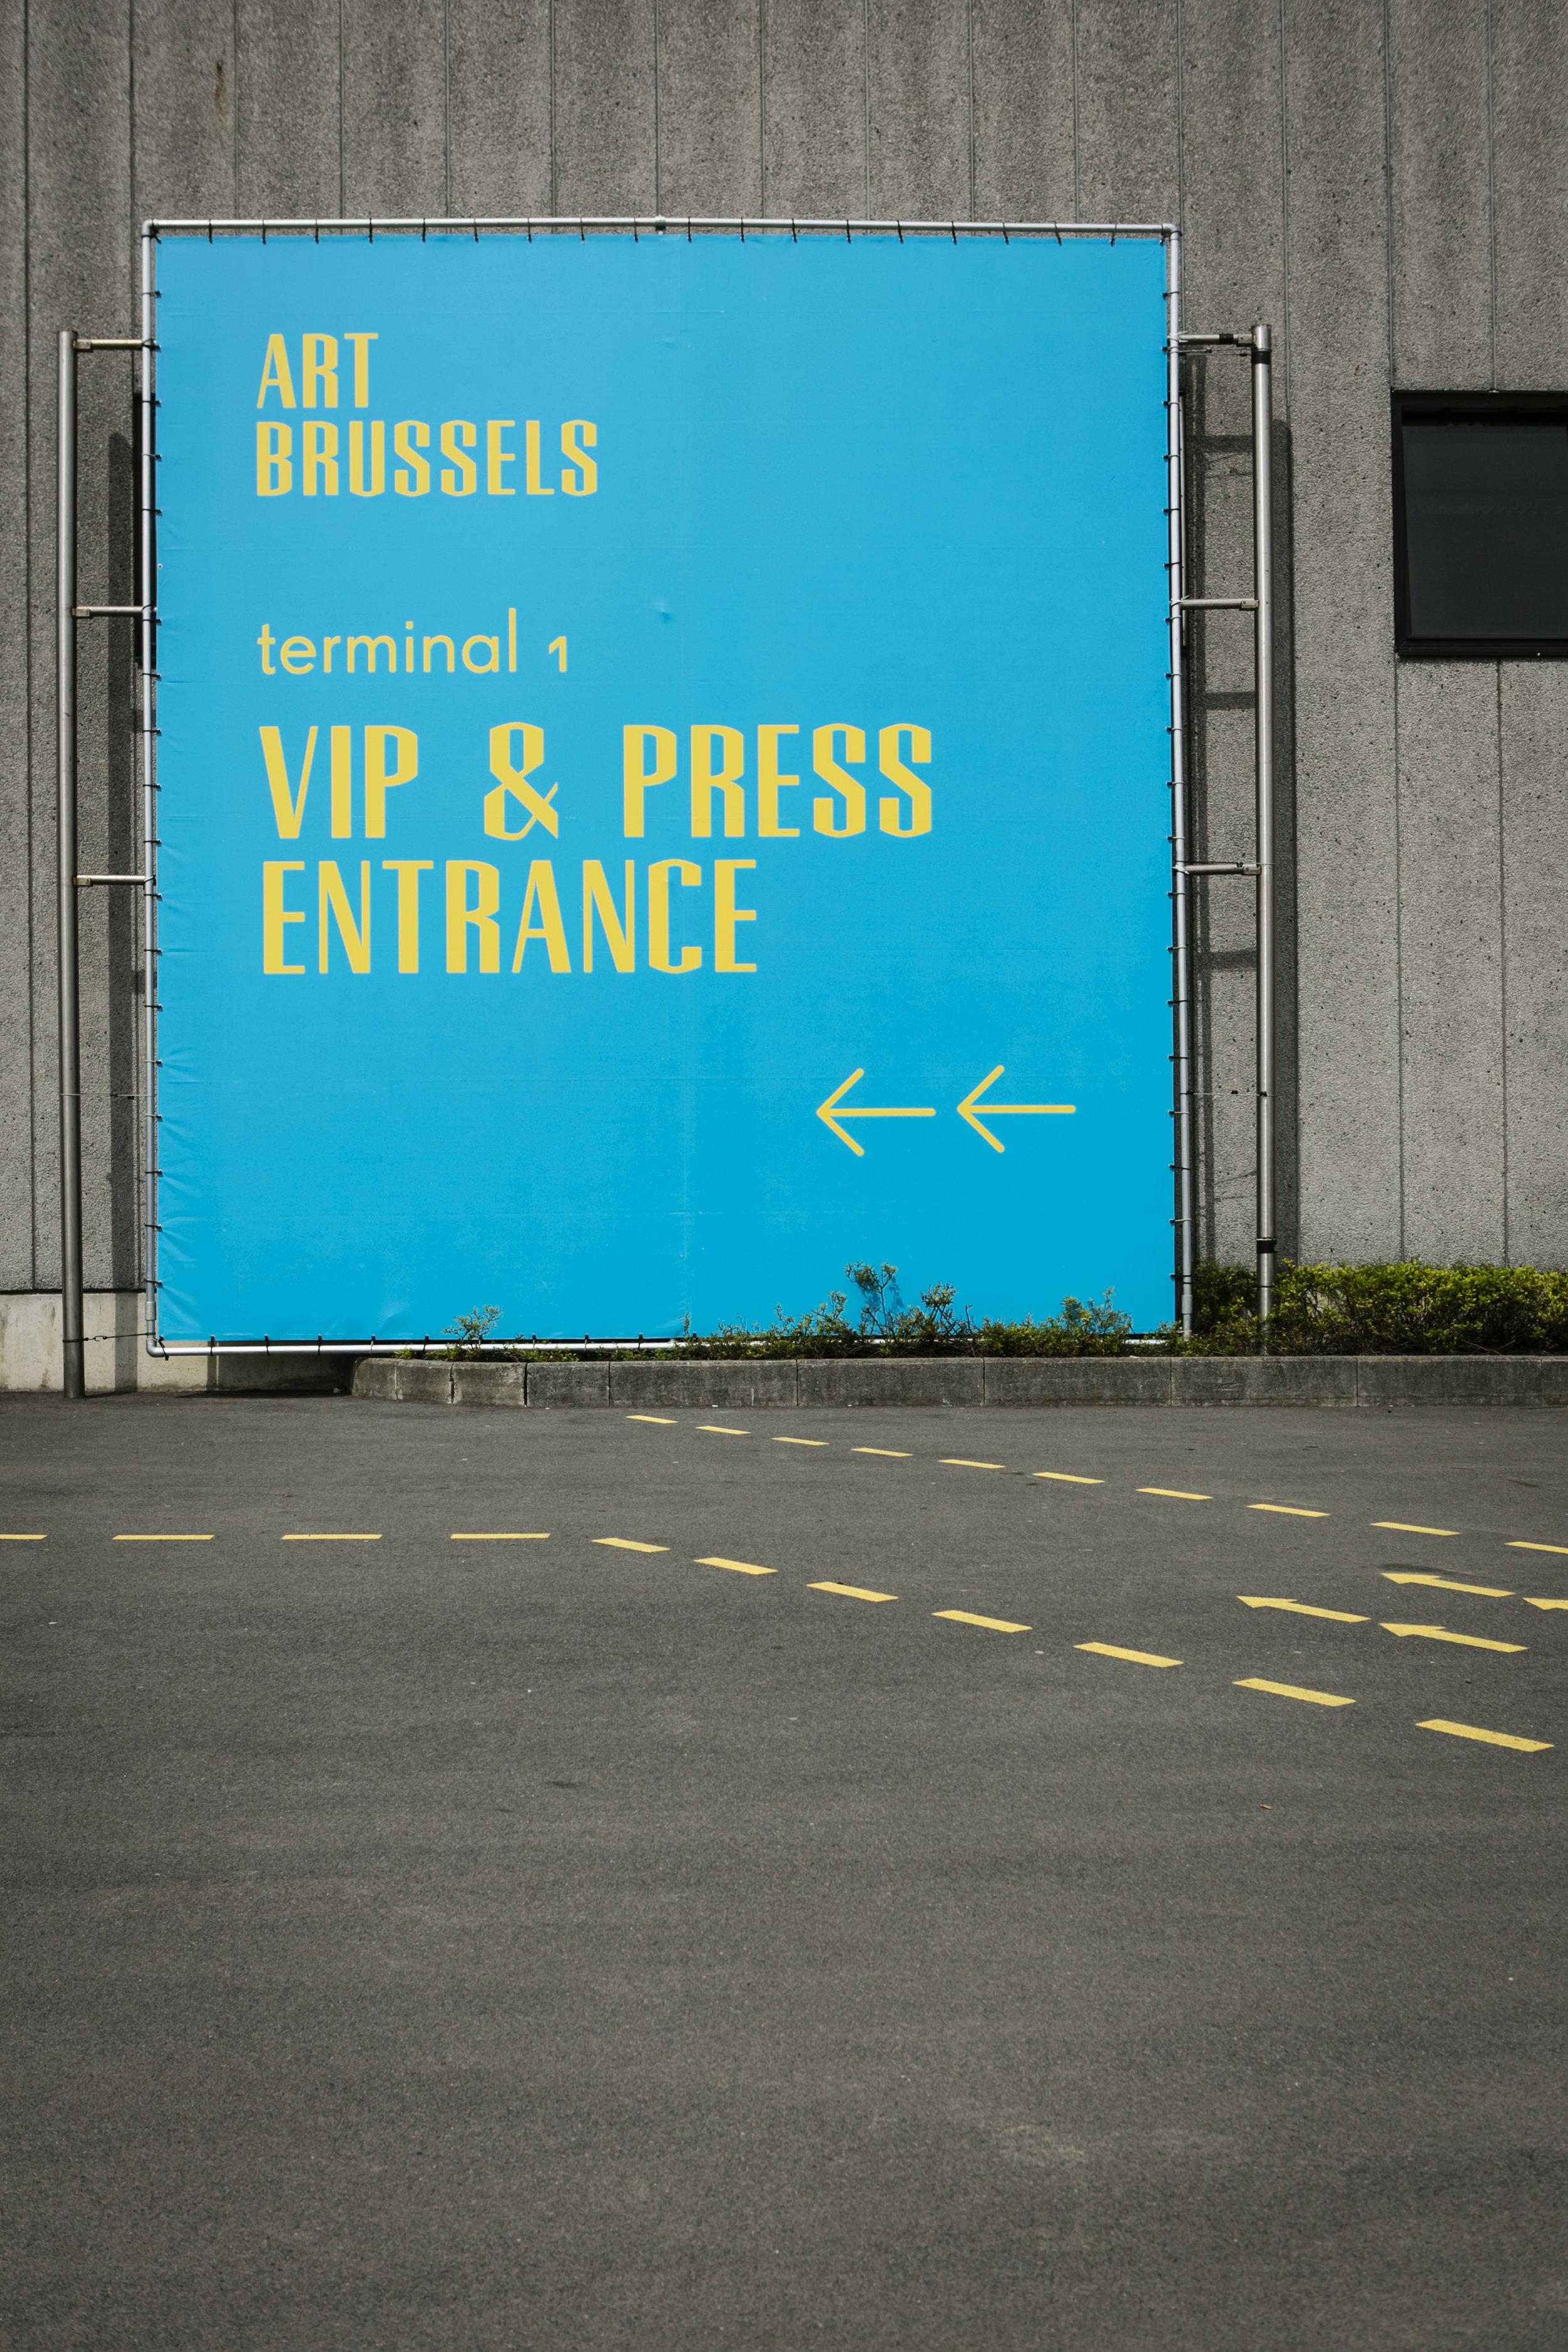 ART_BRUSSELS_KVRANCKEN_2642.jpg